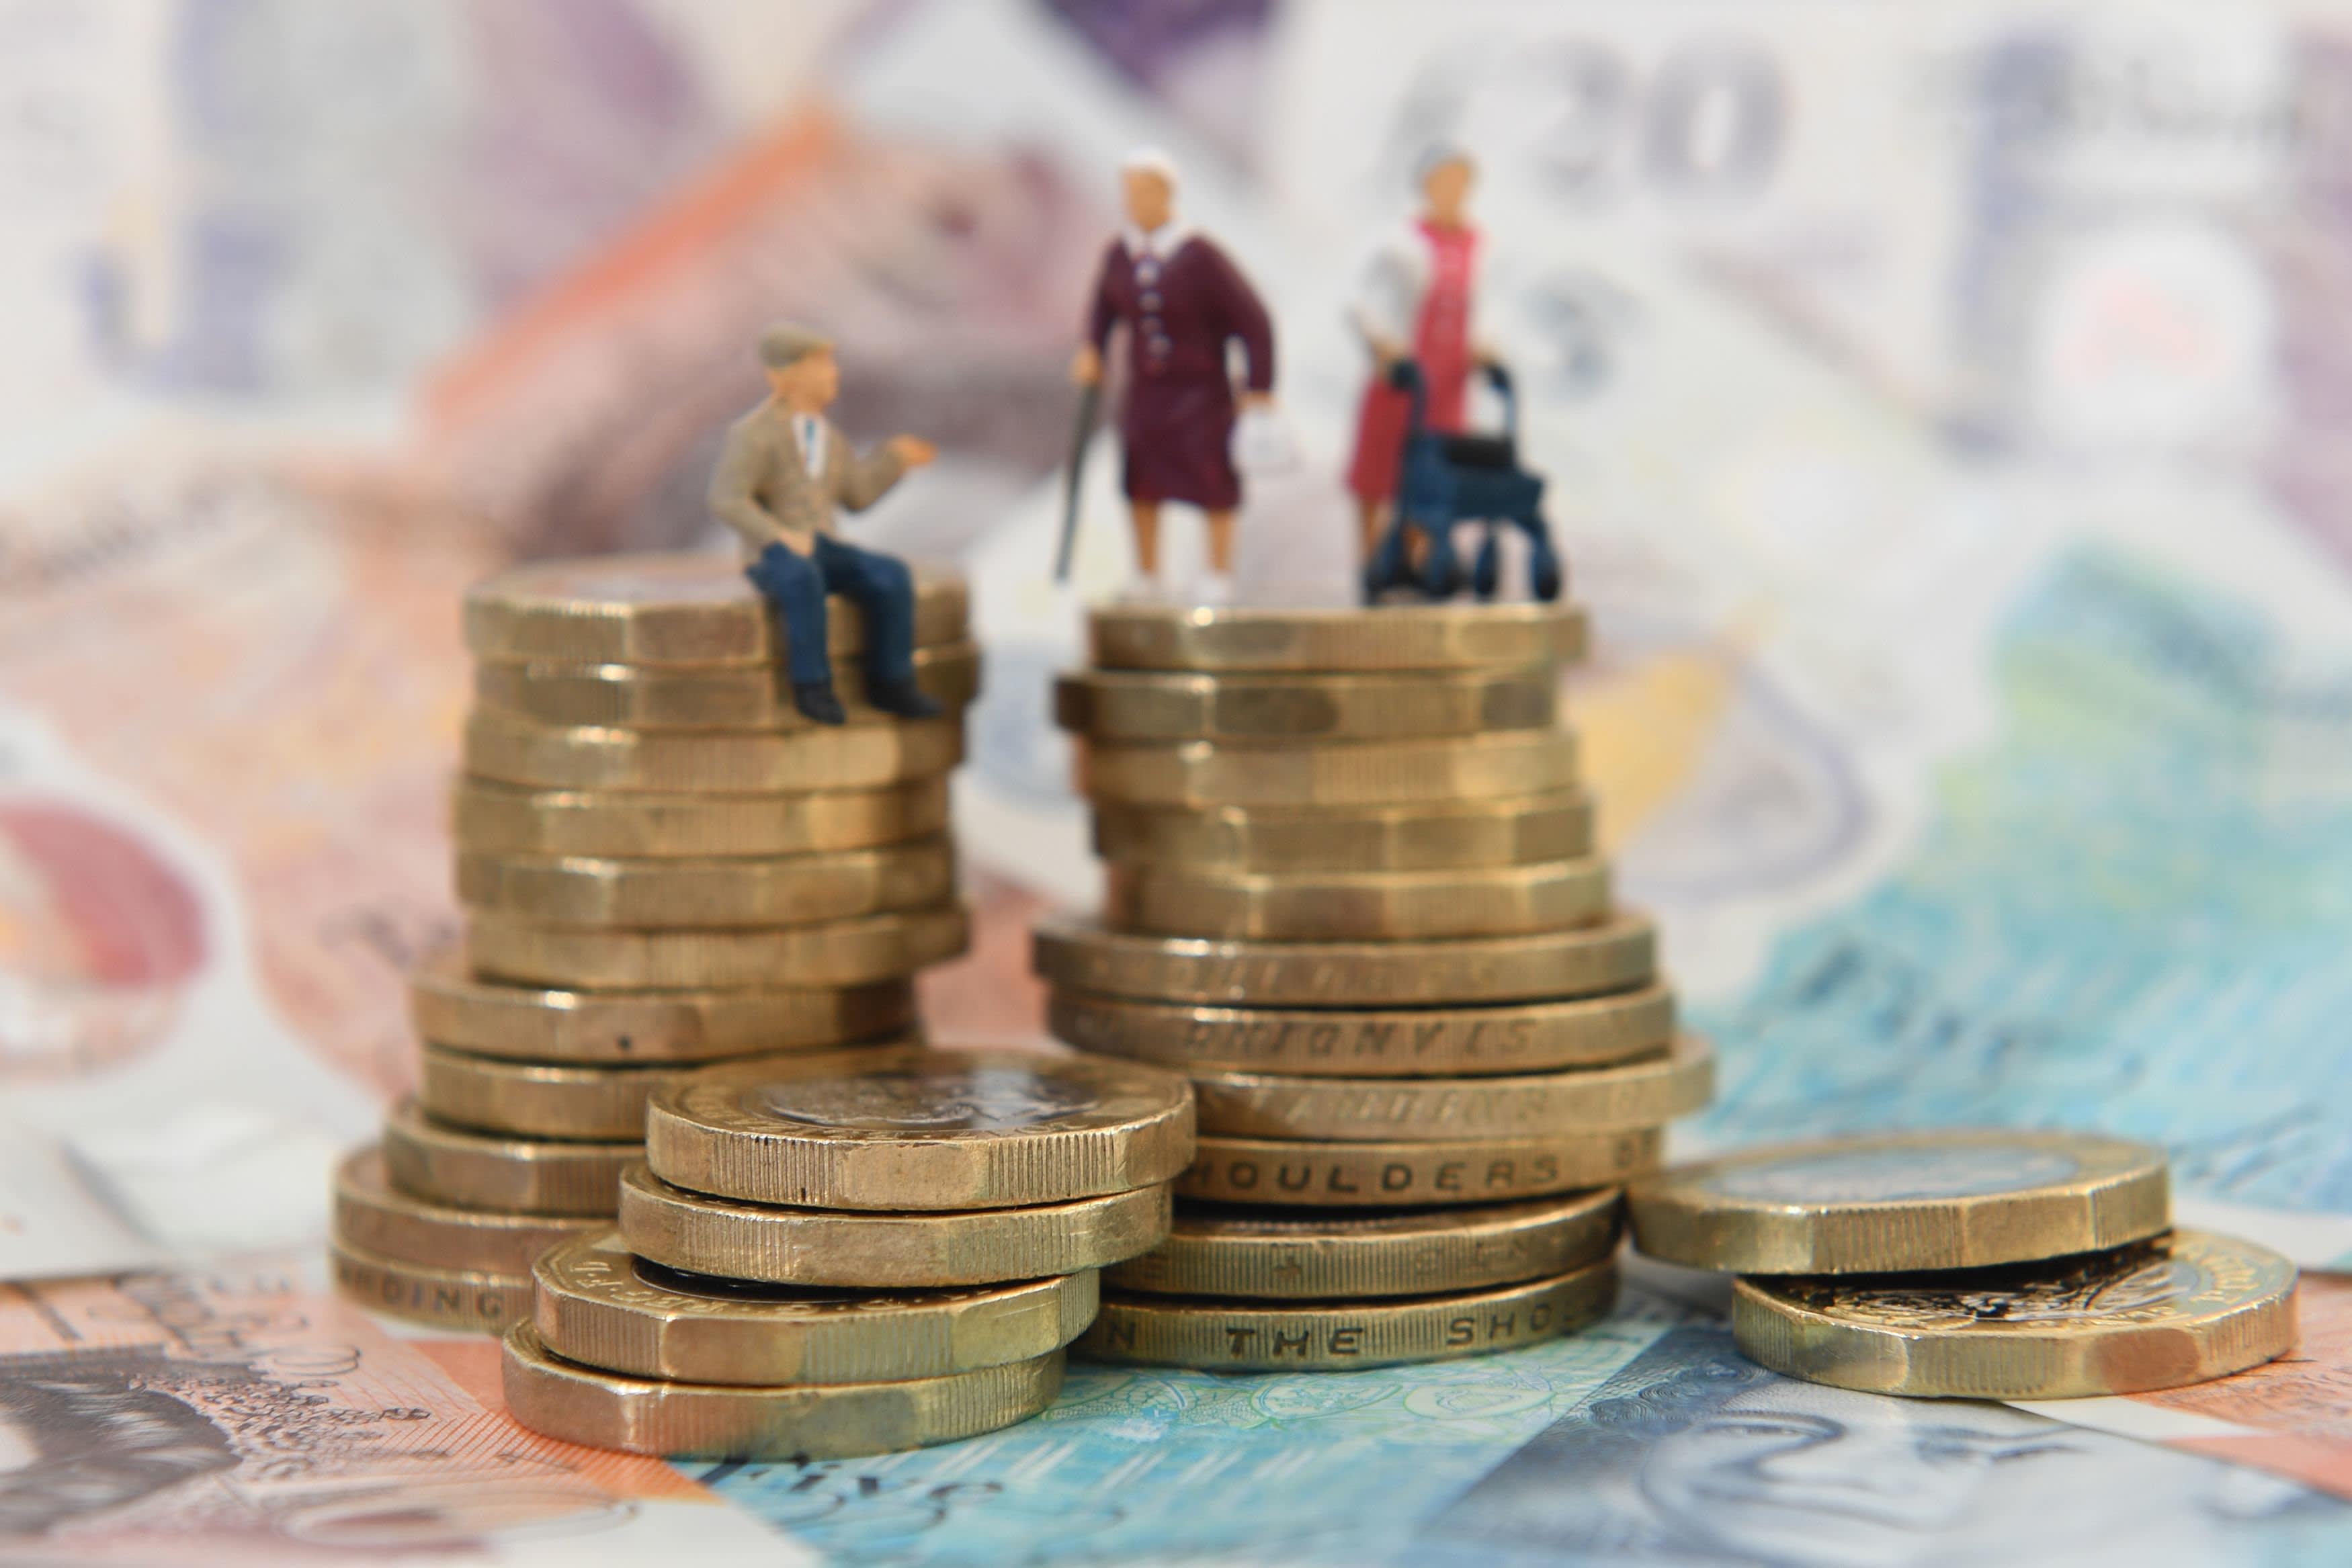 Govt gives £400k funding boost for mid-life MOT